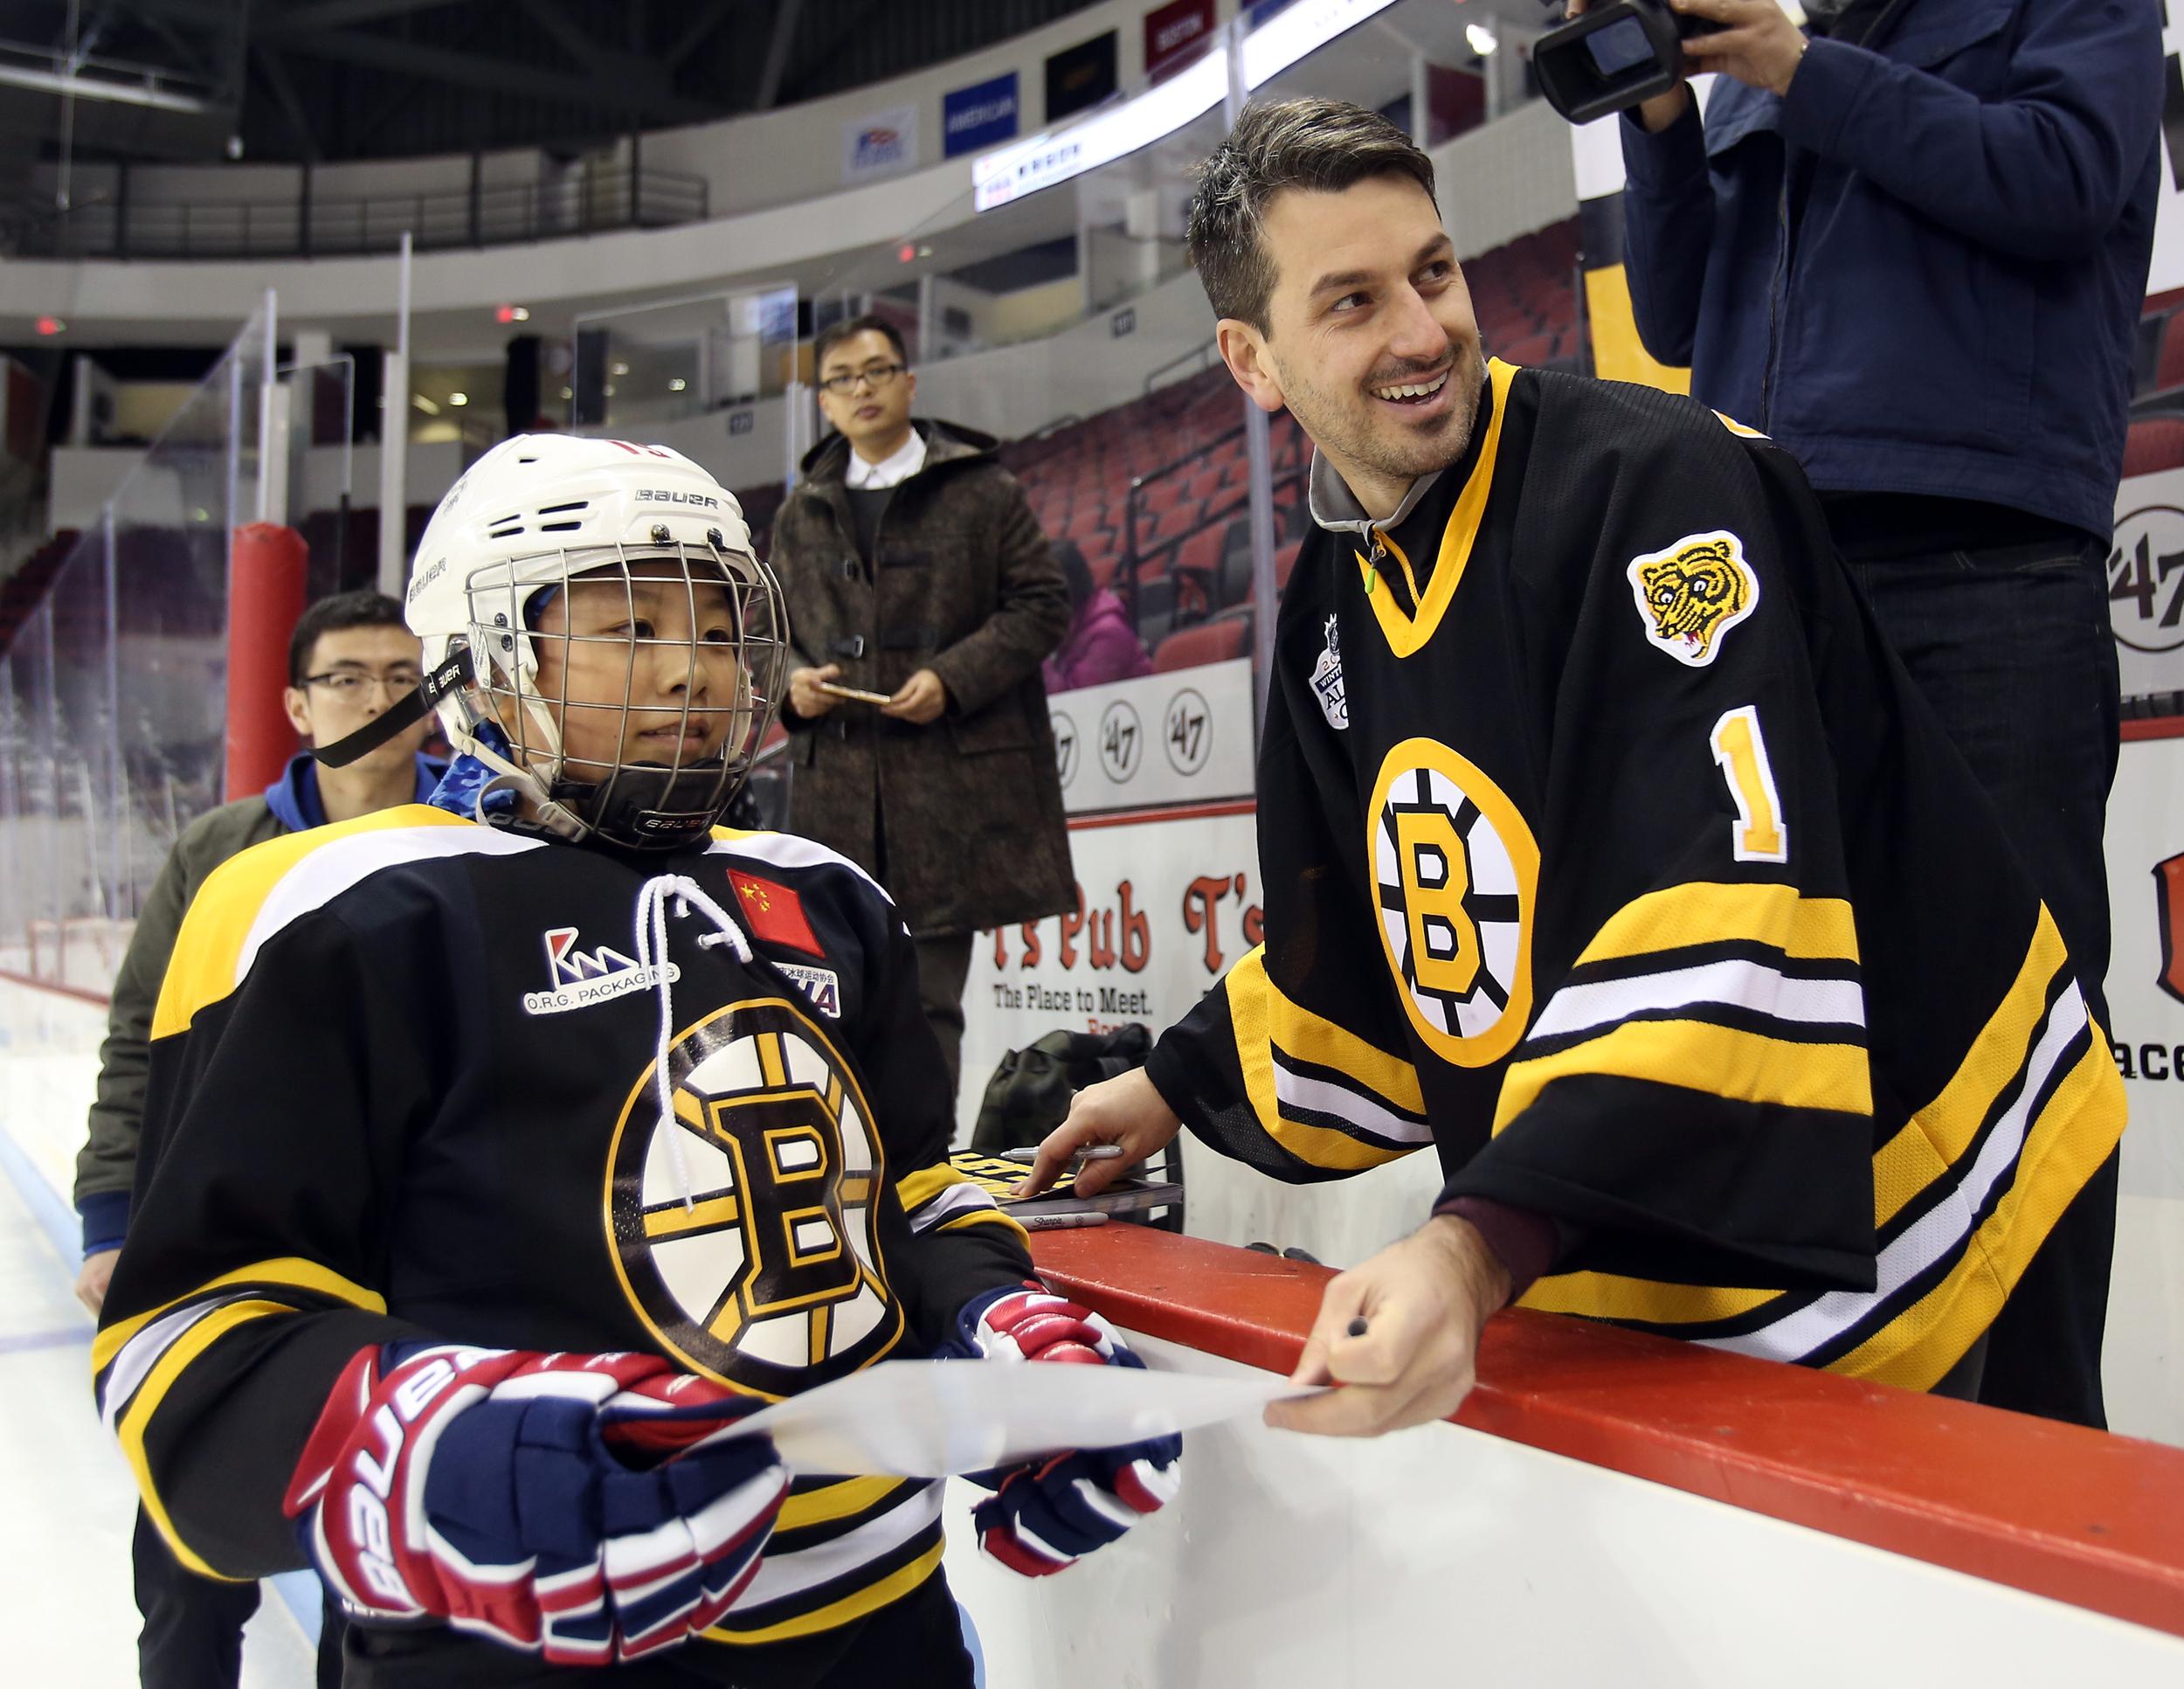 BostonBruins_InternationalHockeyatBU295.JPG